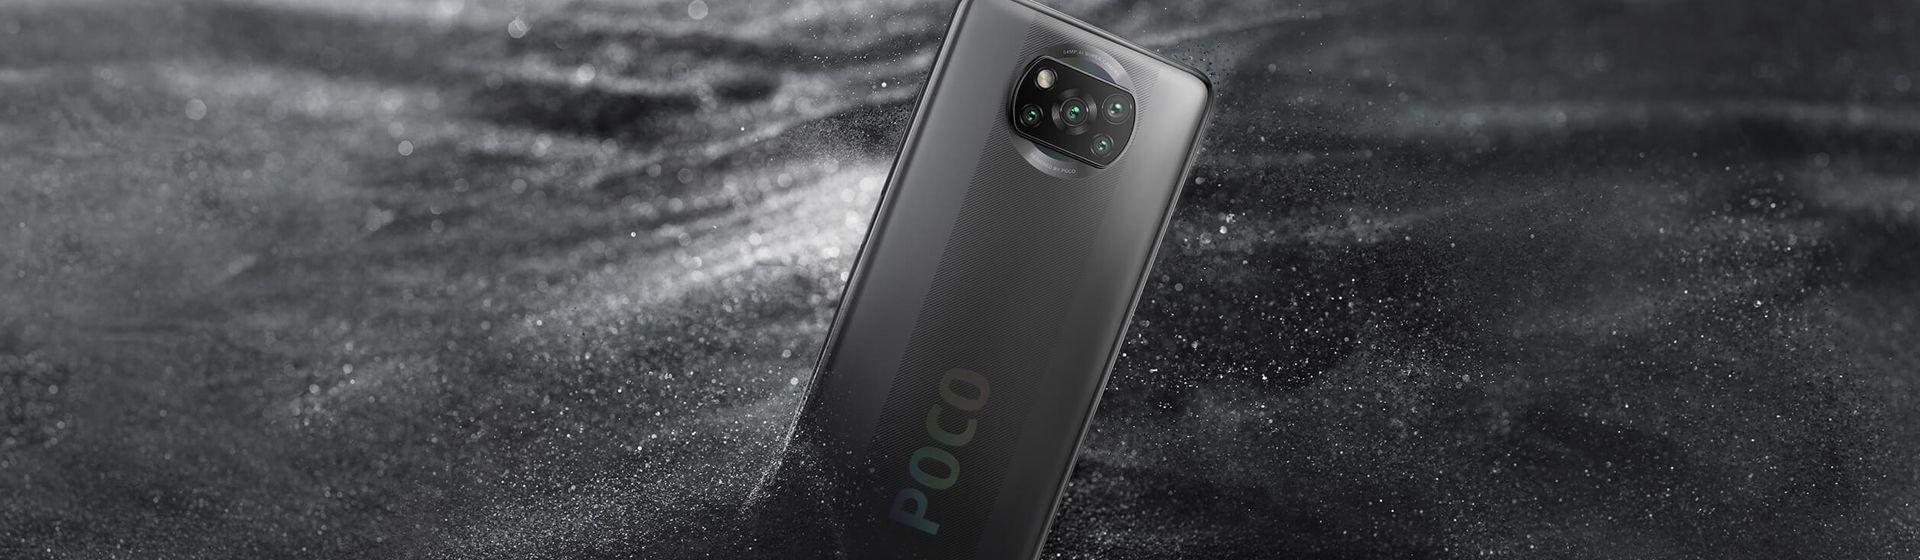 Xiaomi lança o Poco X3 no Brasil; veja sua ficha técnica e preços